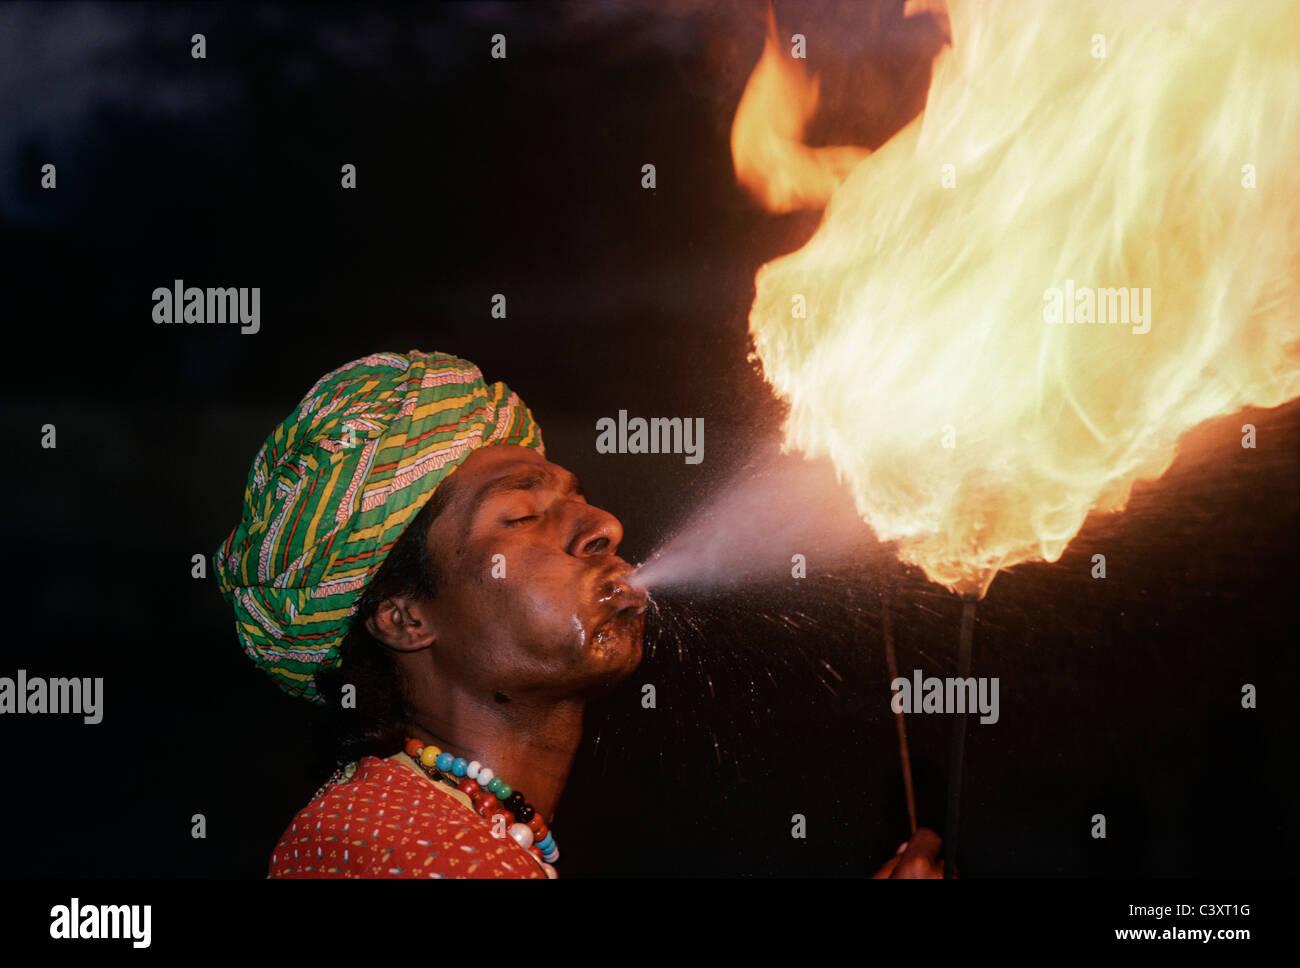 Indiano mangiatore di fuoco brucia le fiamme durante una street performance. New Delhi, India Immagini Stock